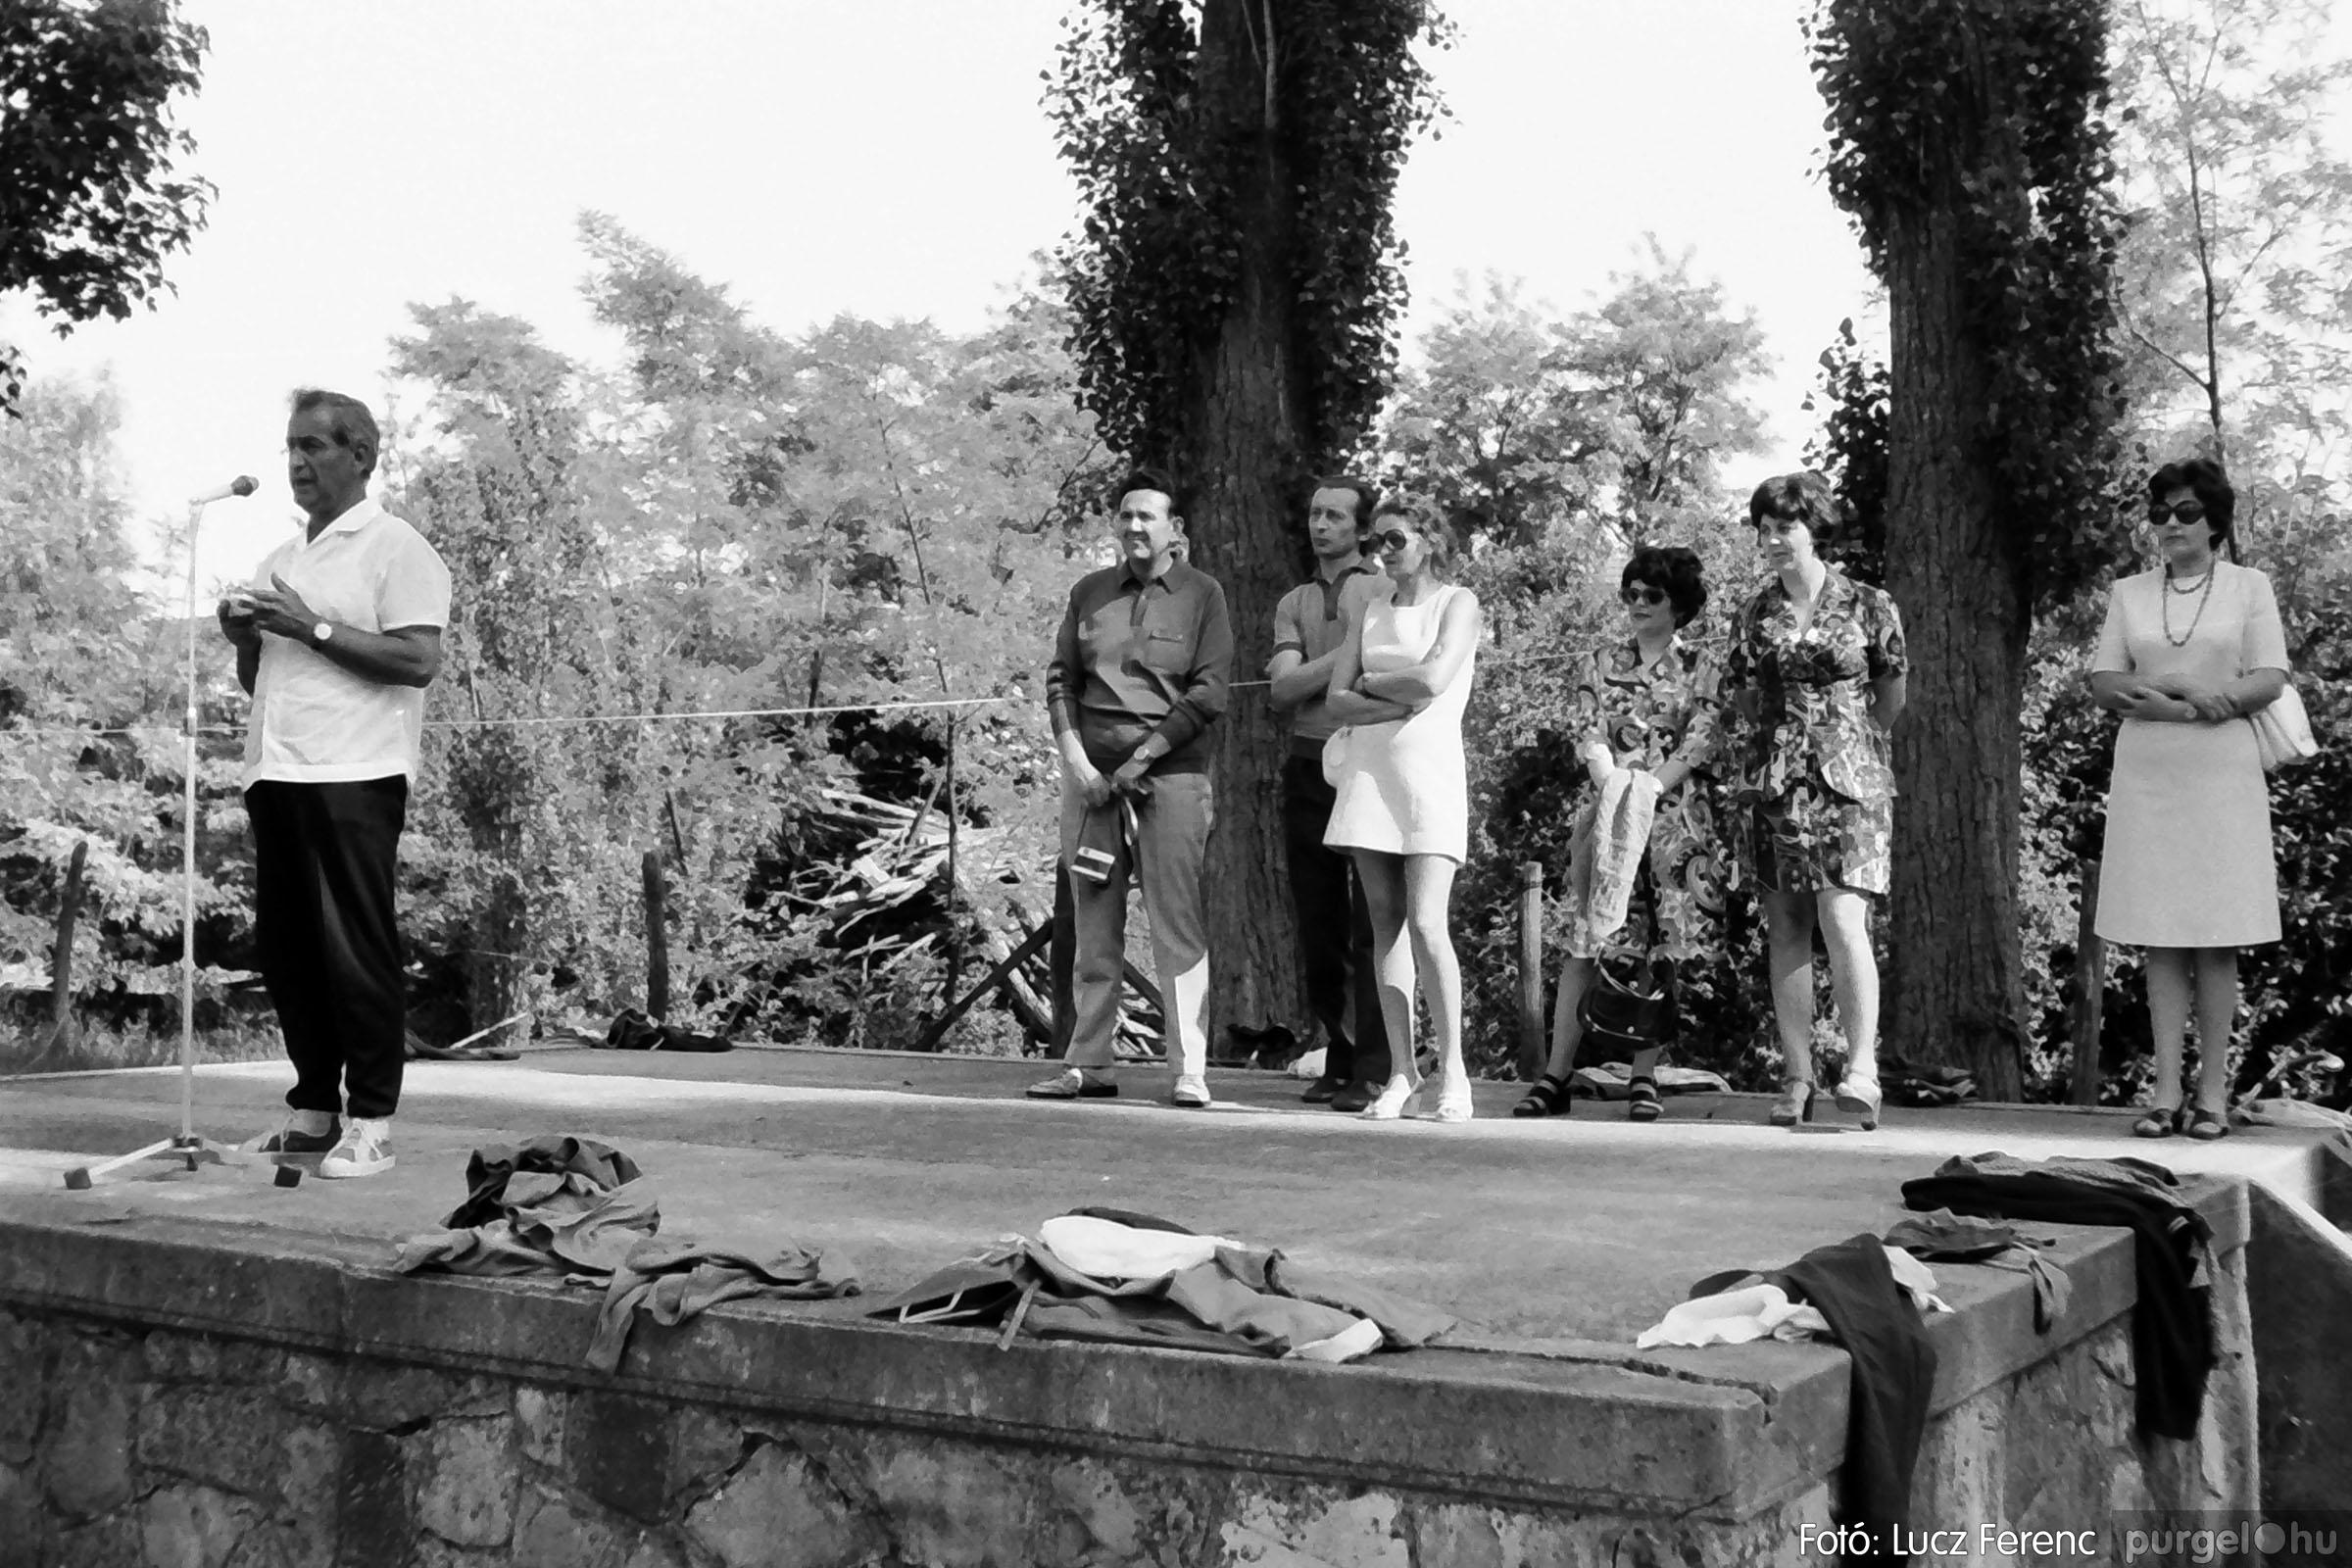 017 1975.04. Május elsejei tornabemutató főpróbája a sportpályán 012 - Fotó: Lucz Ferenc IMG00013q.jpg